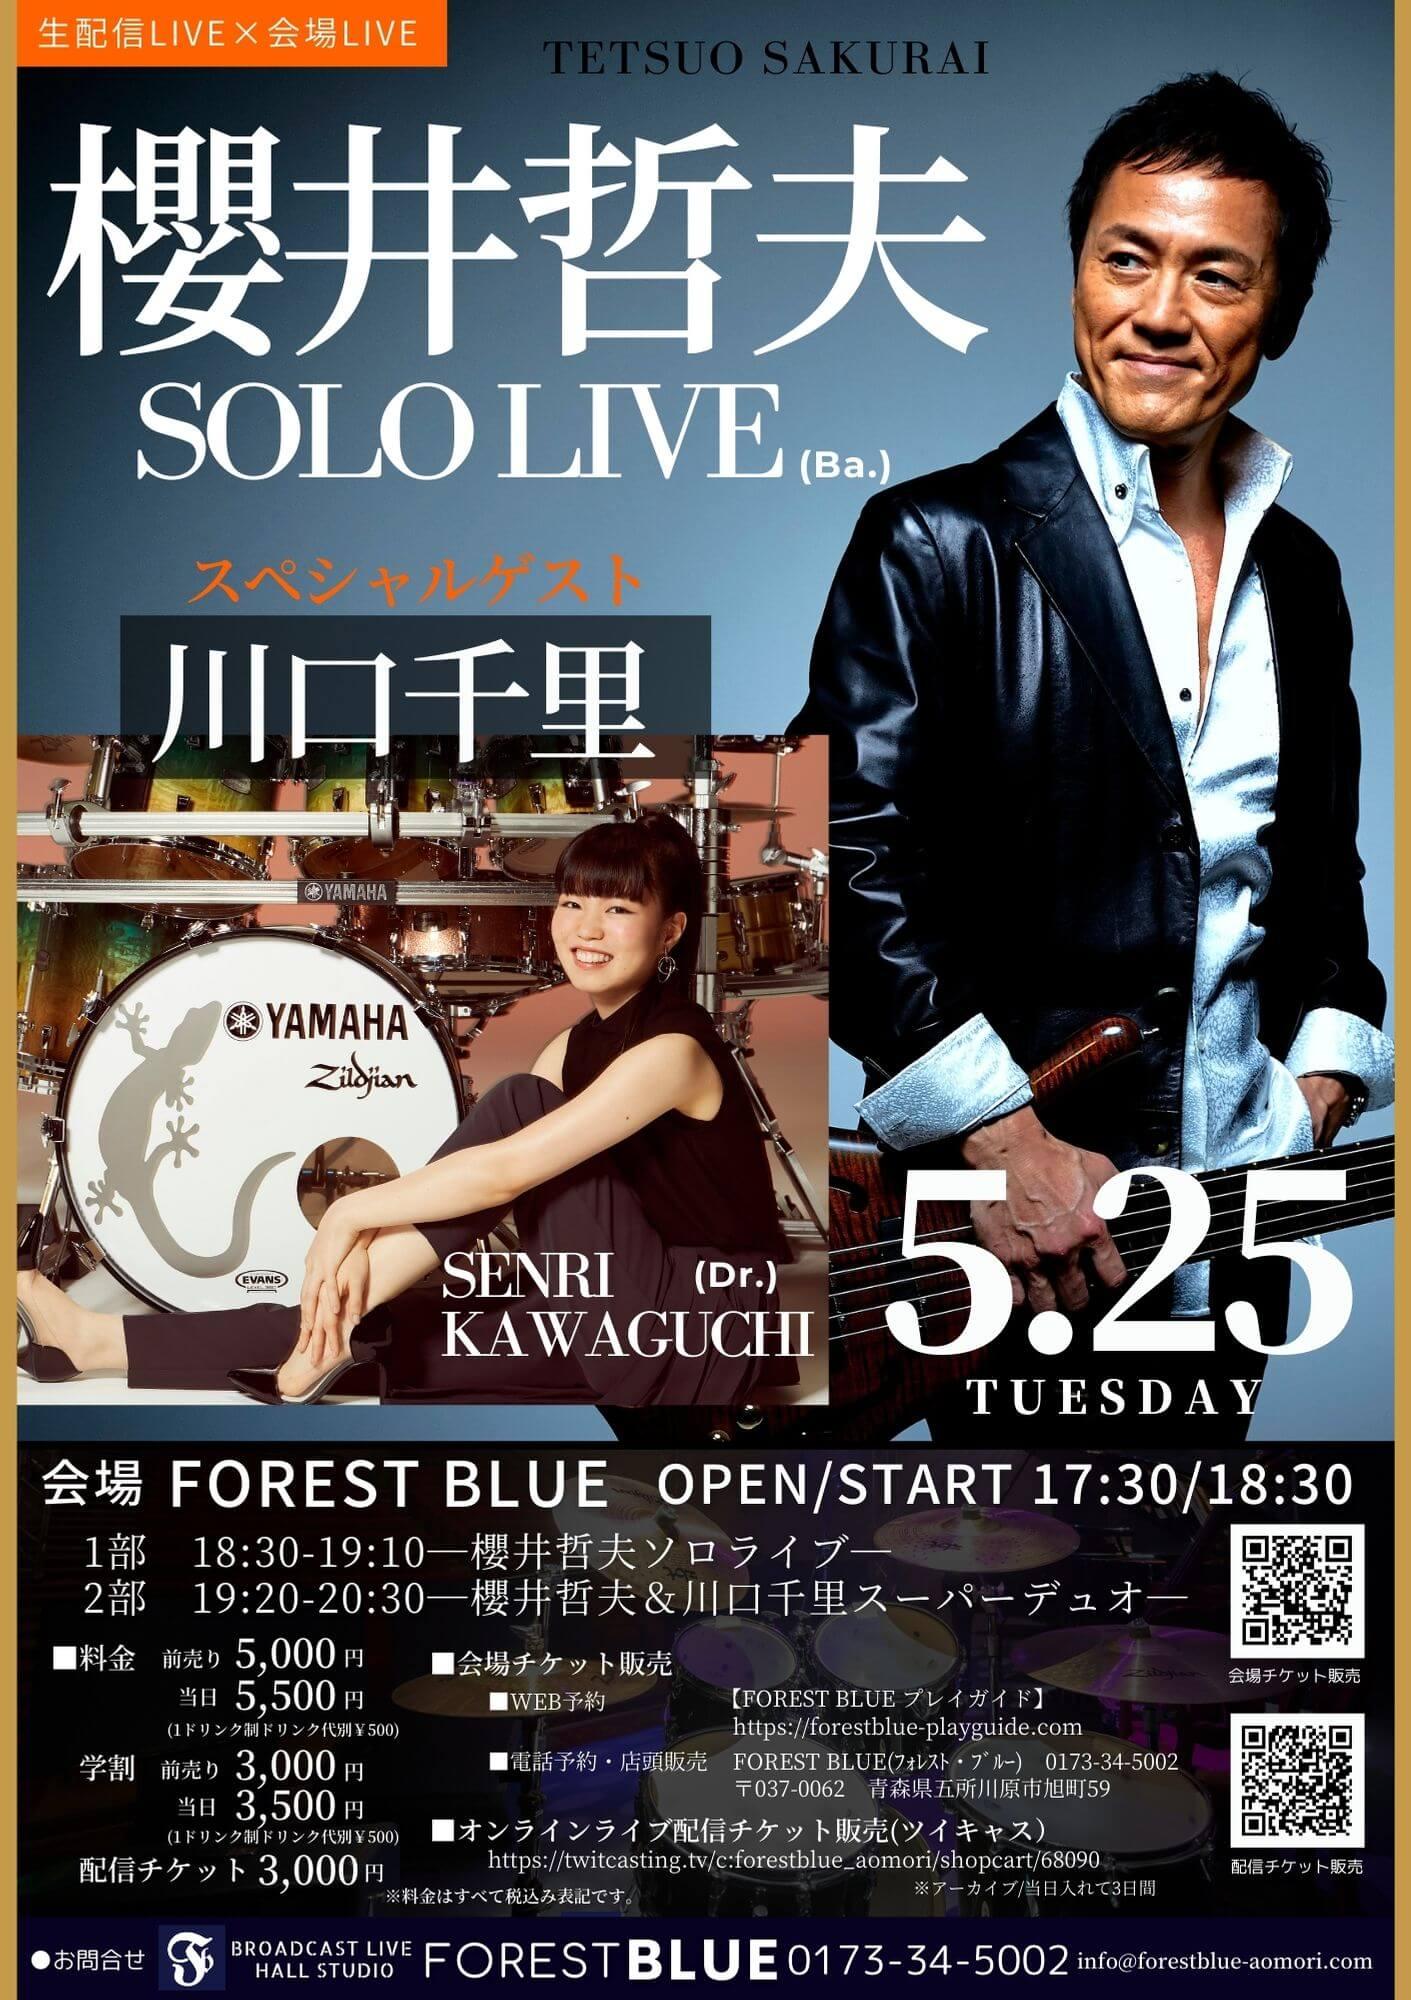 櫻井哲夫 SOLO LIVE スペシャルゲスト川口千里 1618473222217